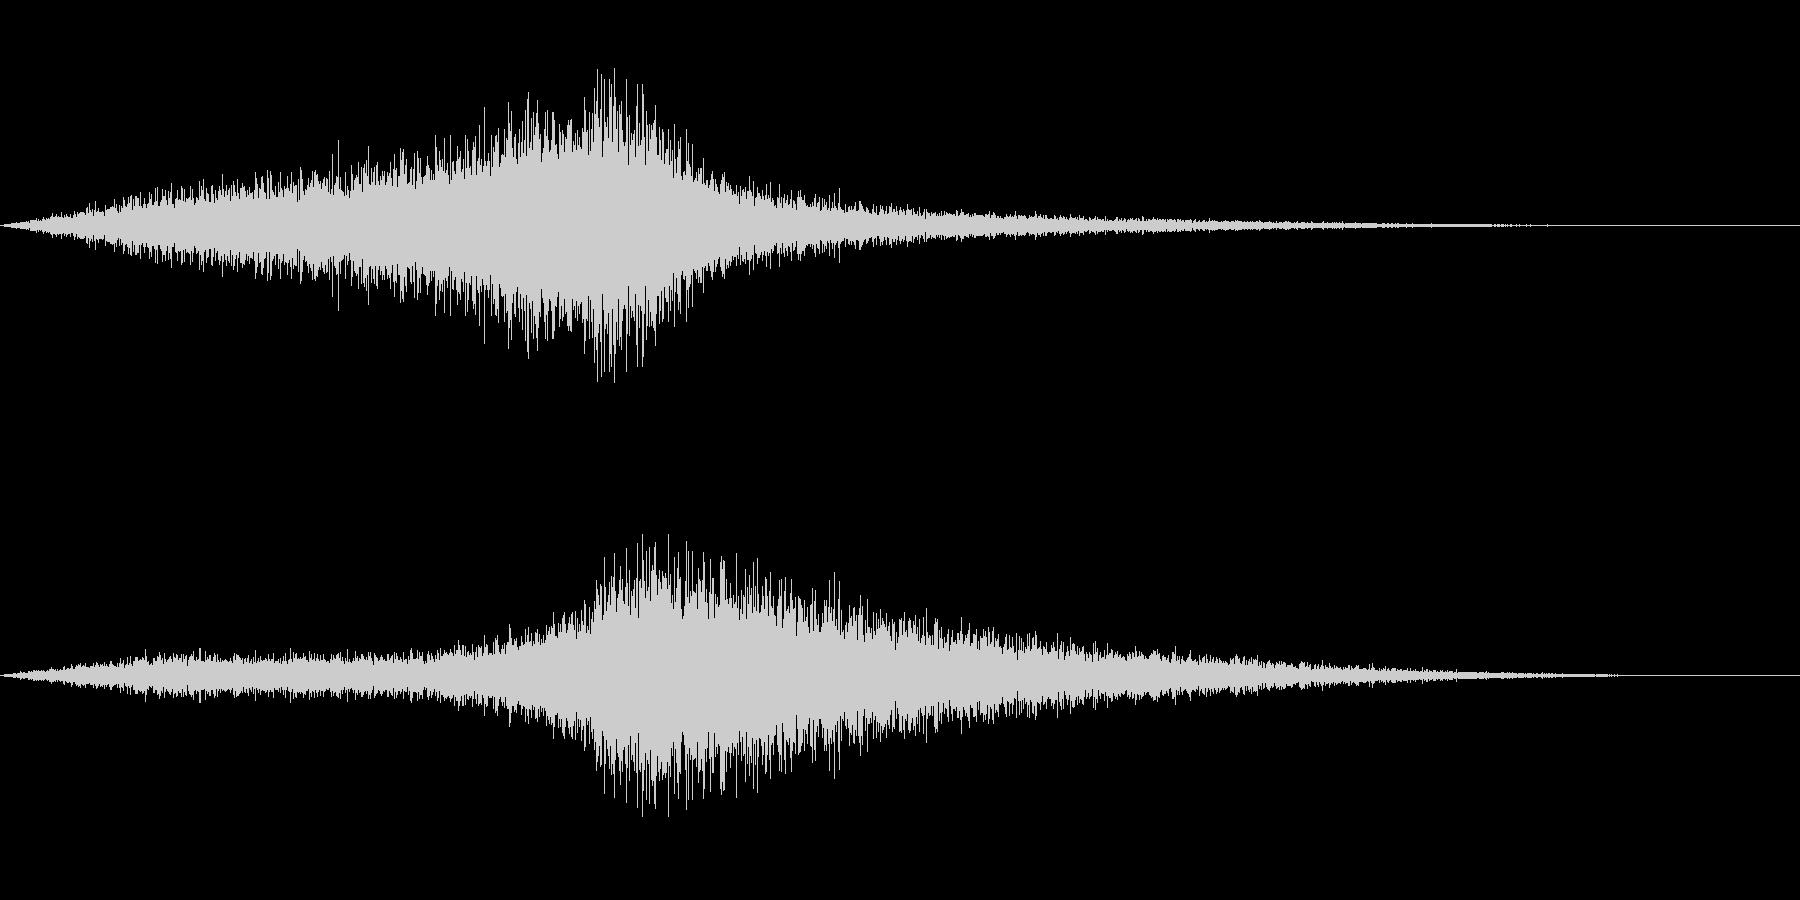 【生録音】 早朝の街 交通 環境音 5の未再生の波形